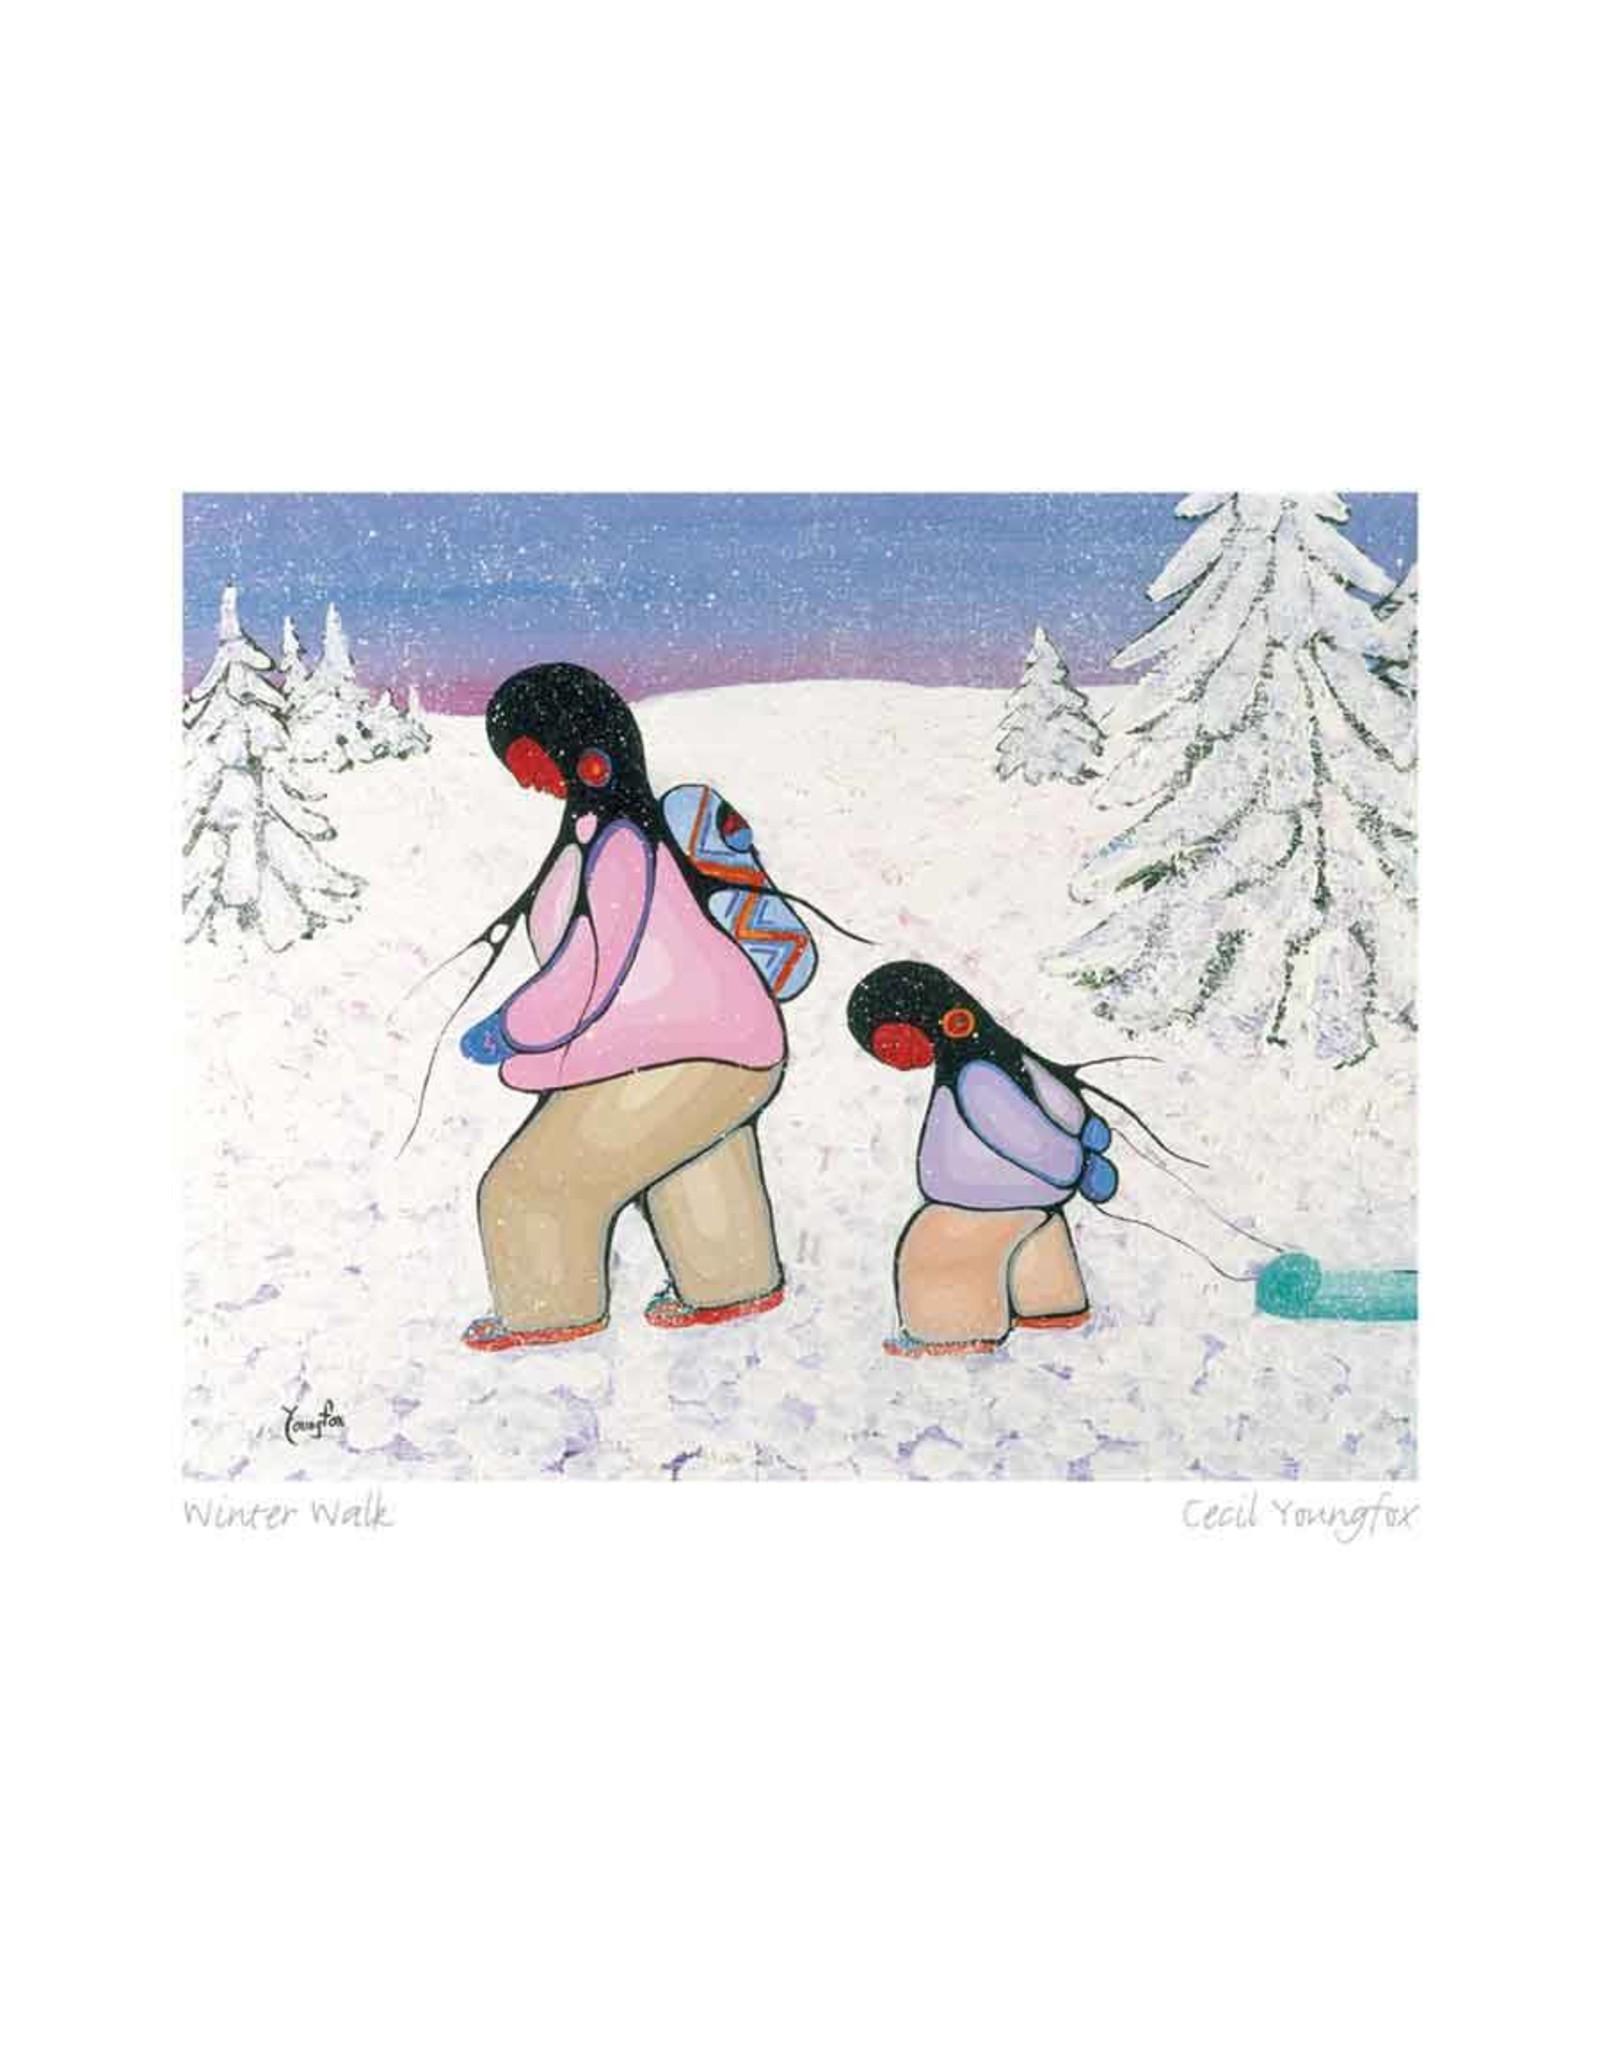 Winter Walk par Cecil Youngfox Montée sur Passe-Partout